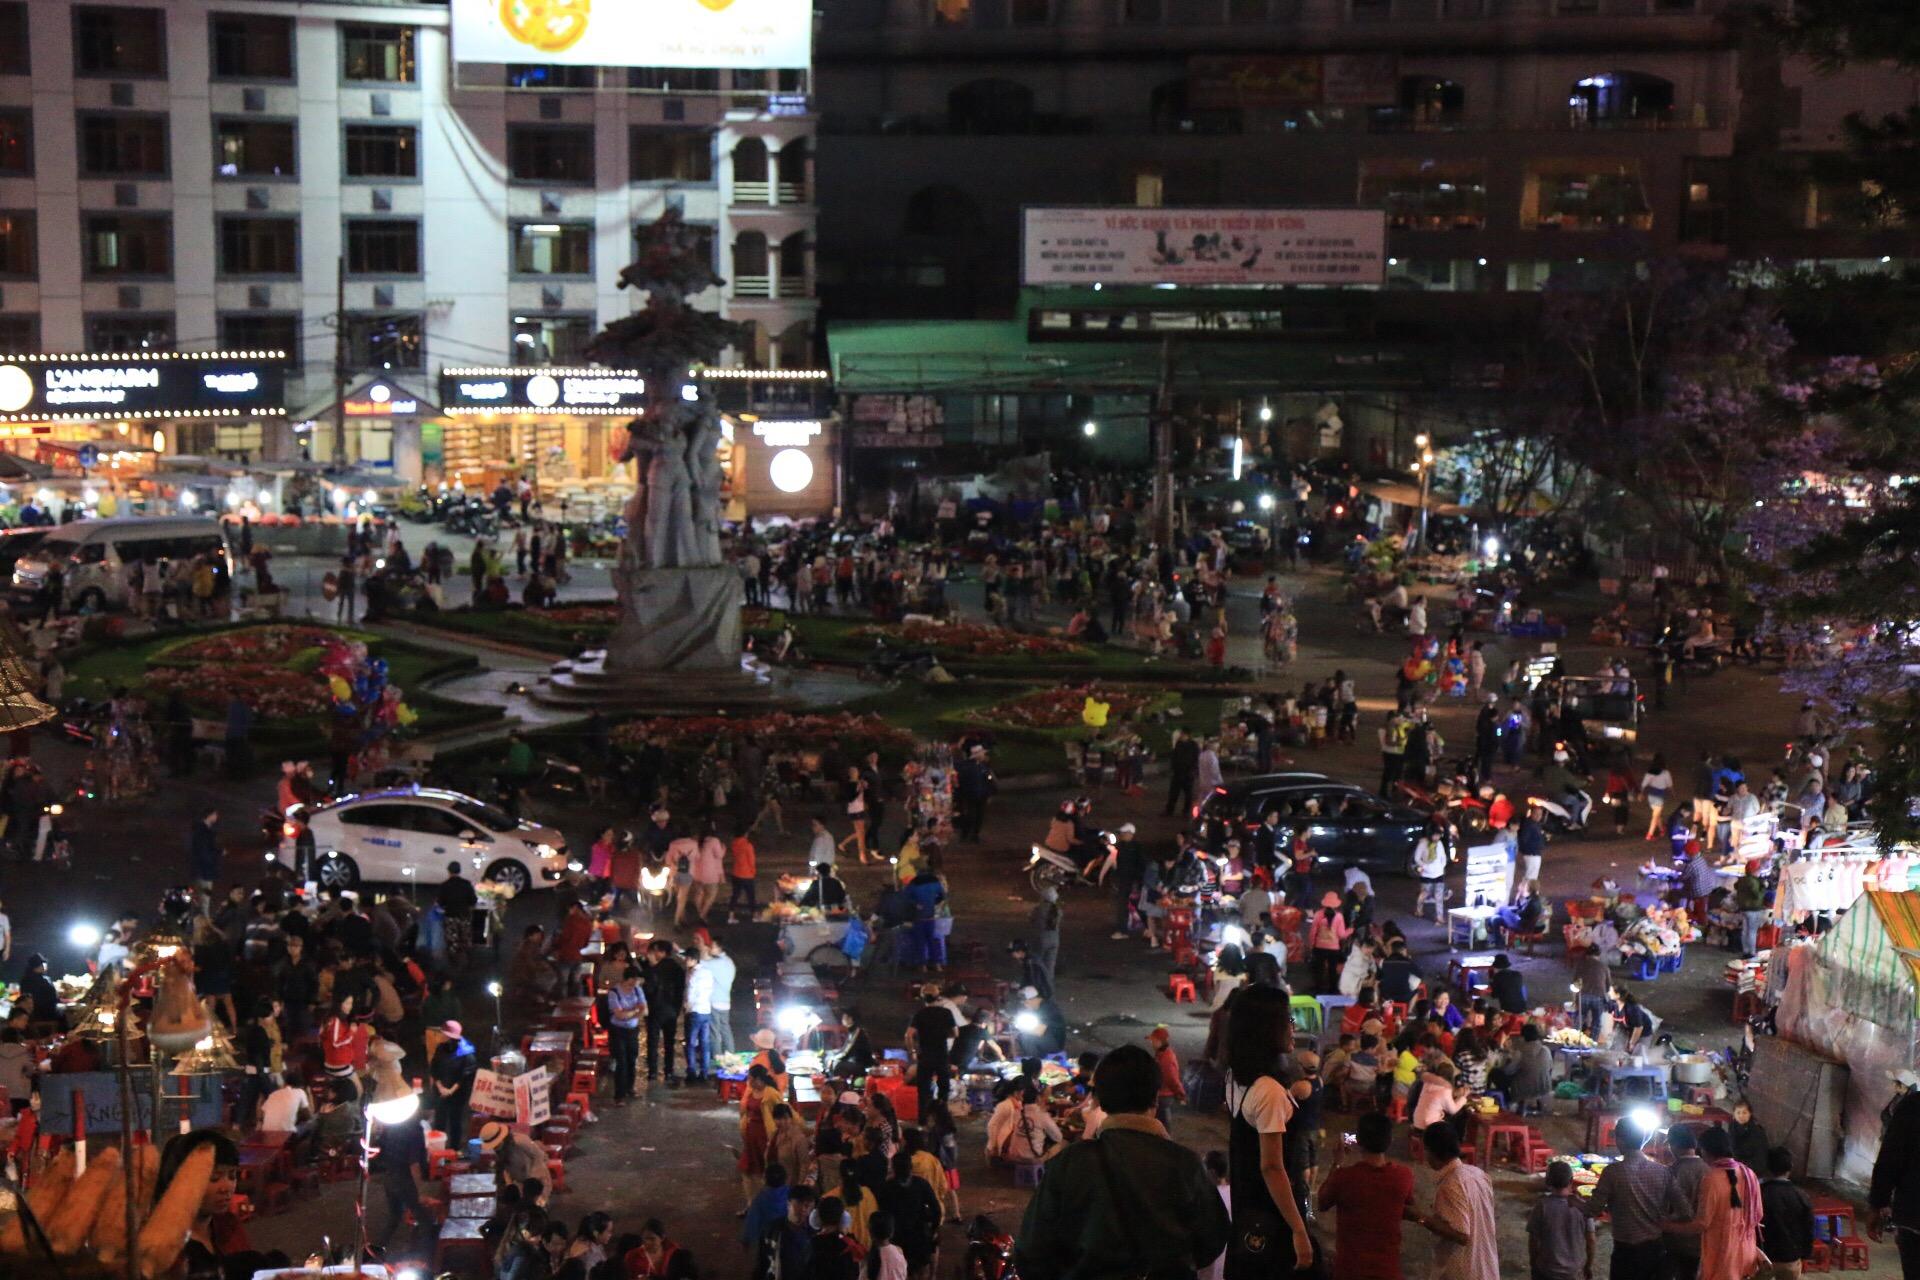 Der Nightmarket in Dalat findet glaub jeden Abend statt.